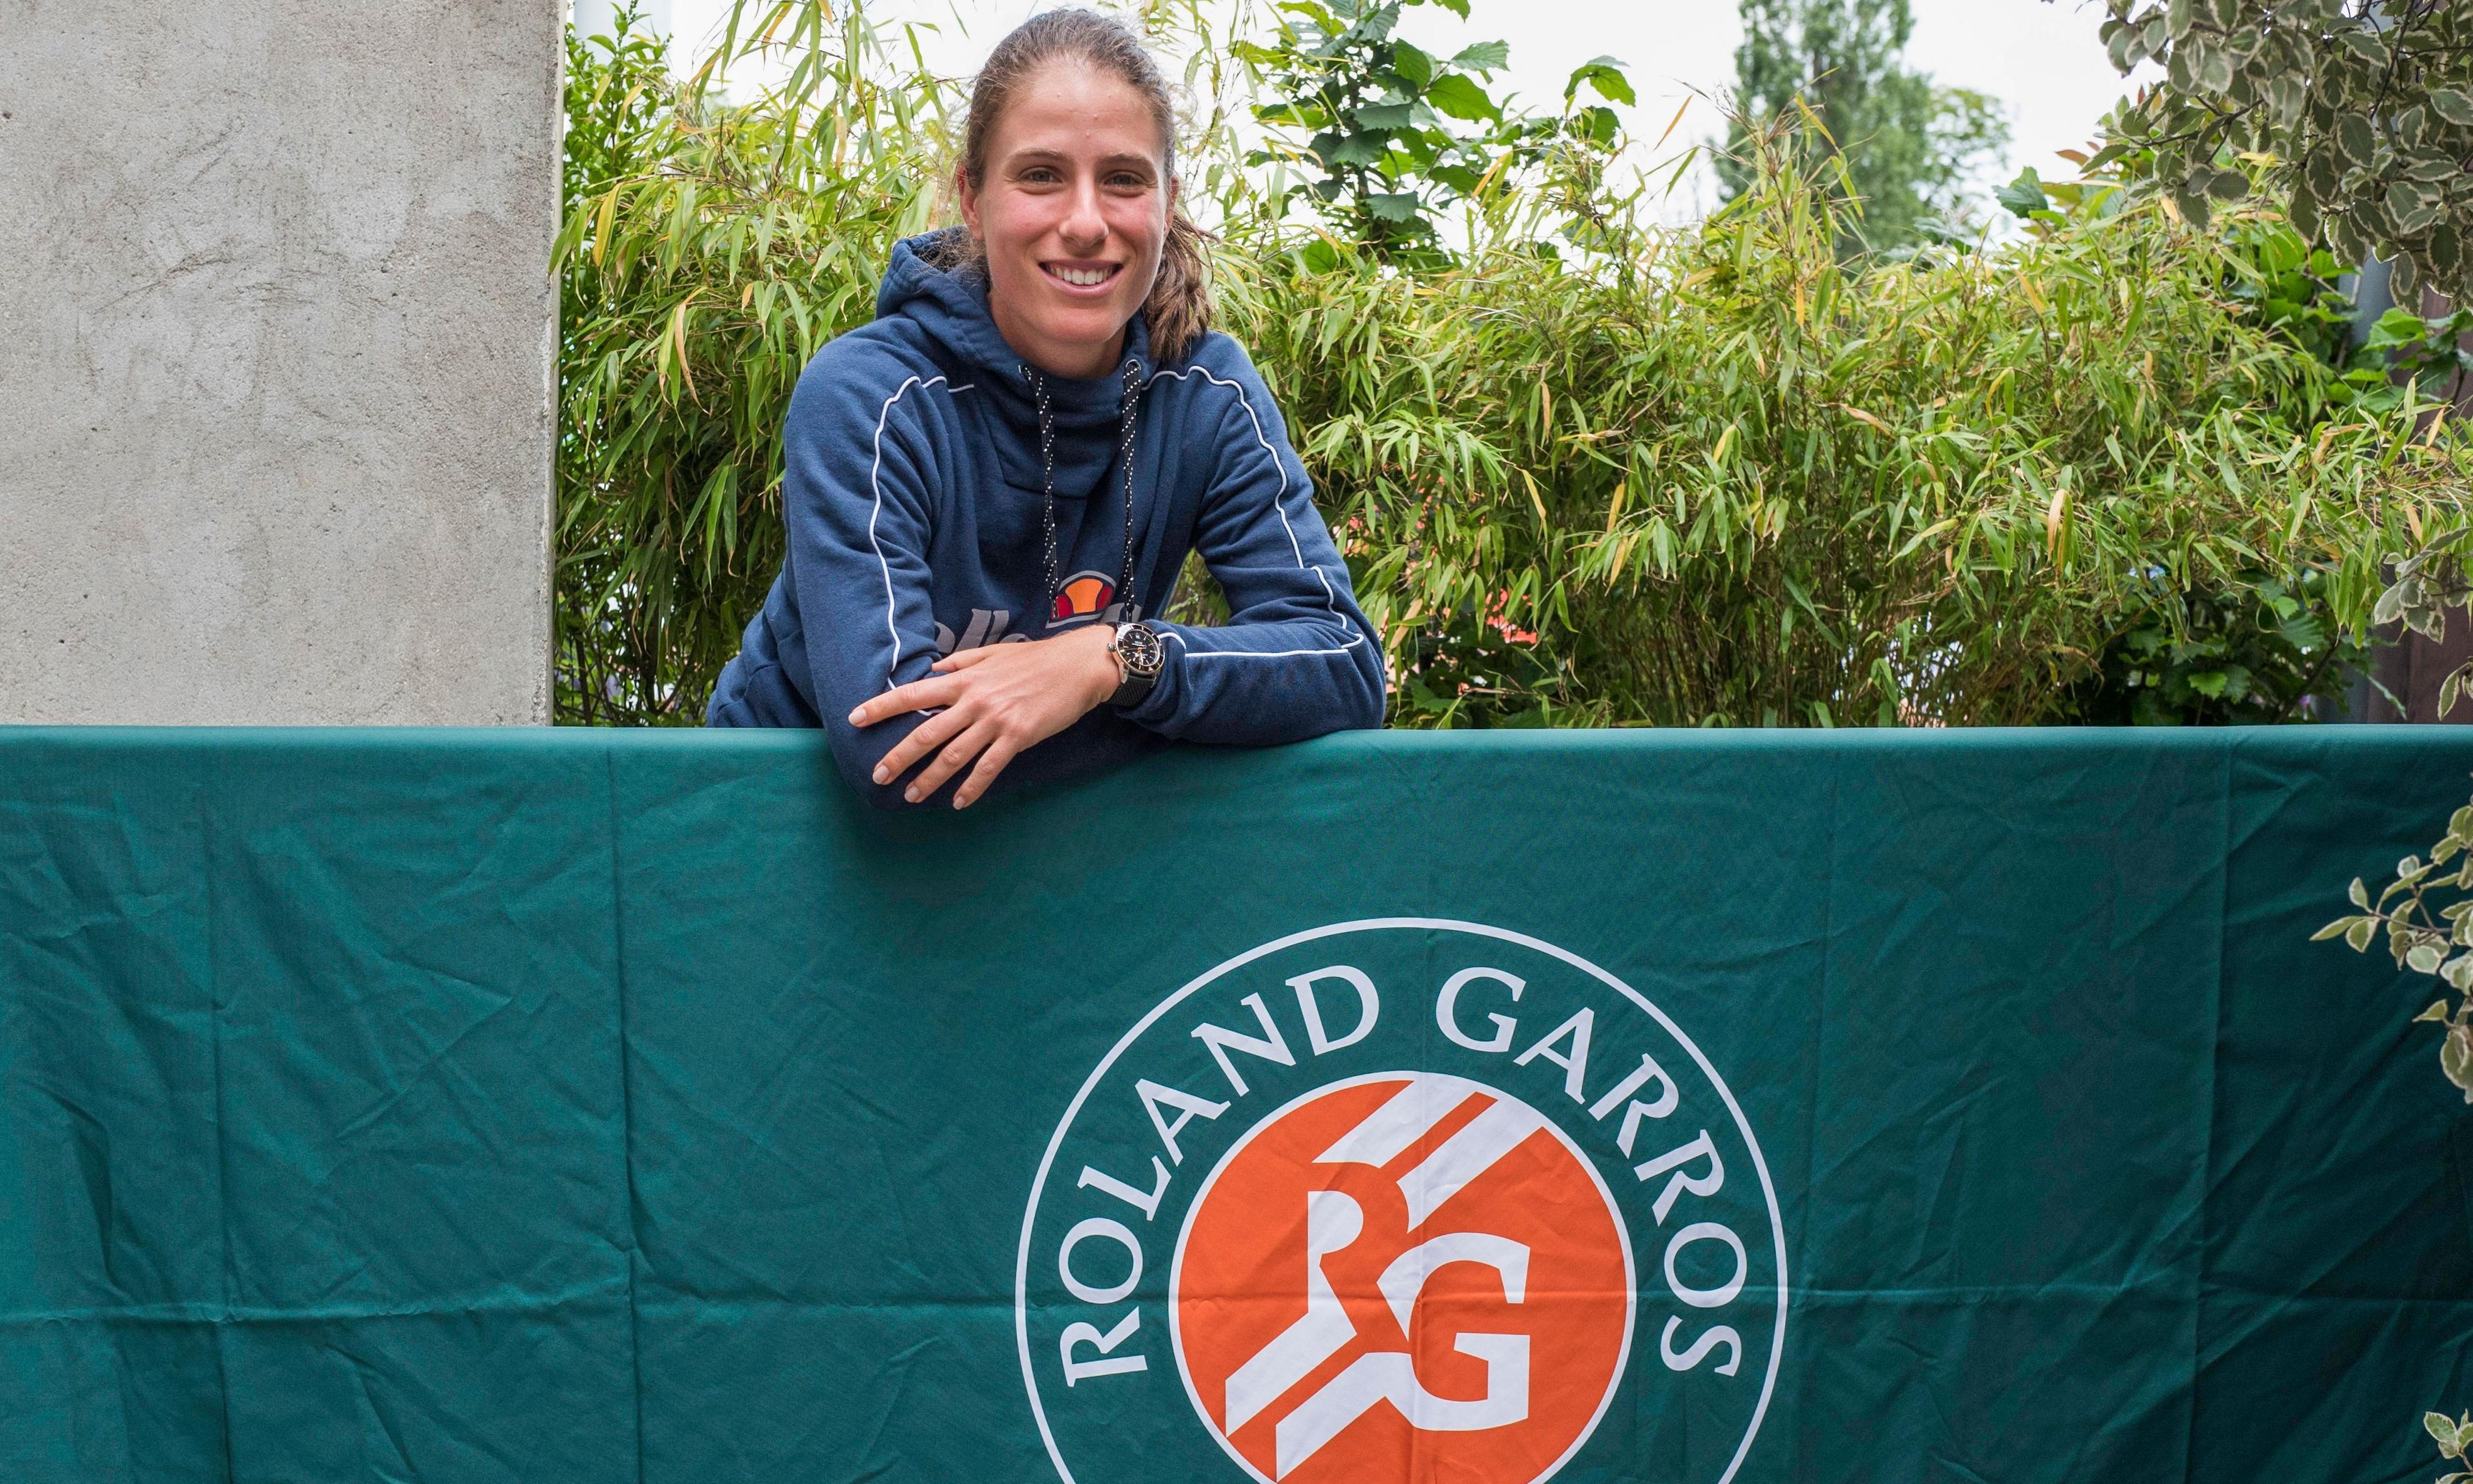 French Open: Johanna Konta puts faith in good feeling to banish past failings